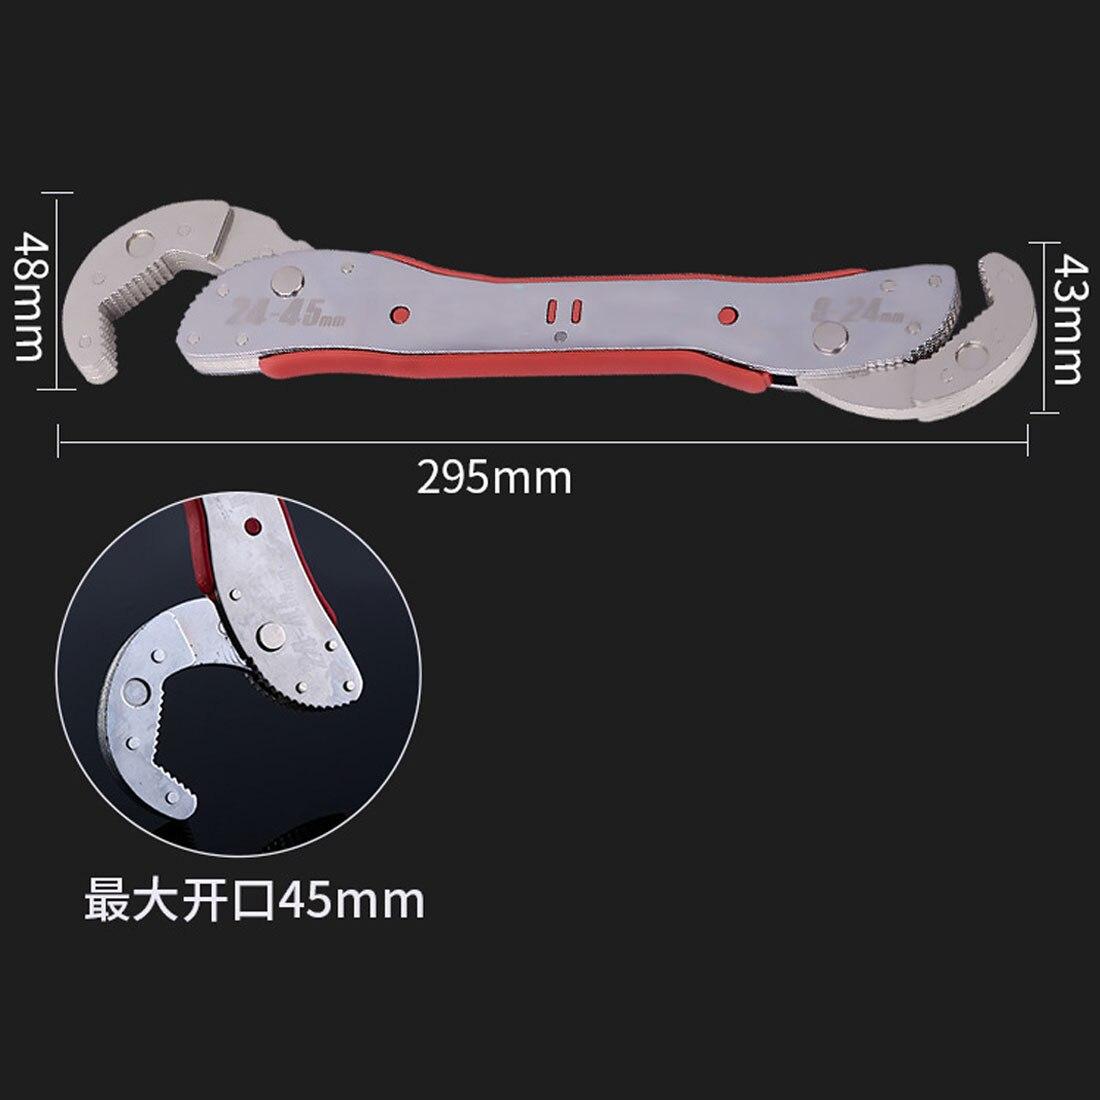 9-45mm Regolabile Multiuso Magia Strumenti Chiave Universale Chiave A Tubo Chiave Chiave Regolabile Per La Casa